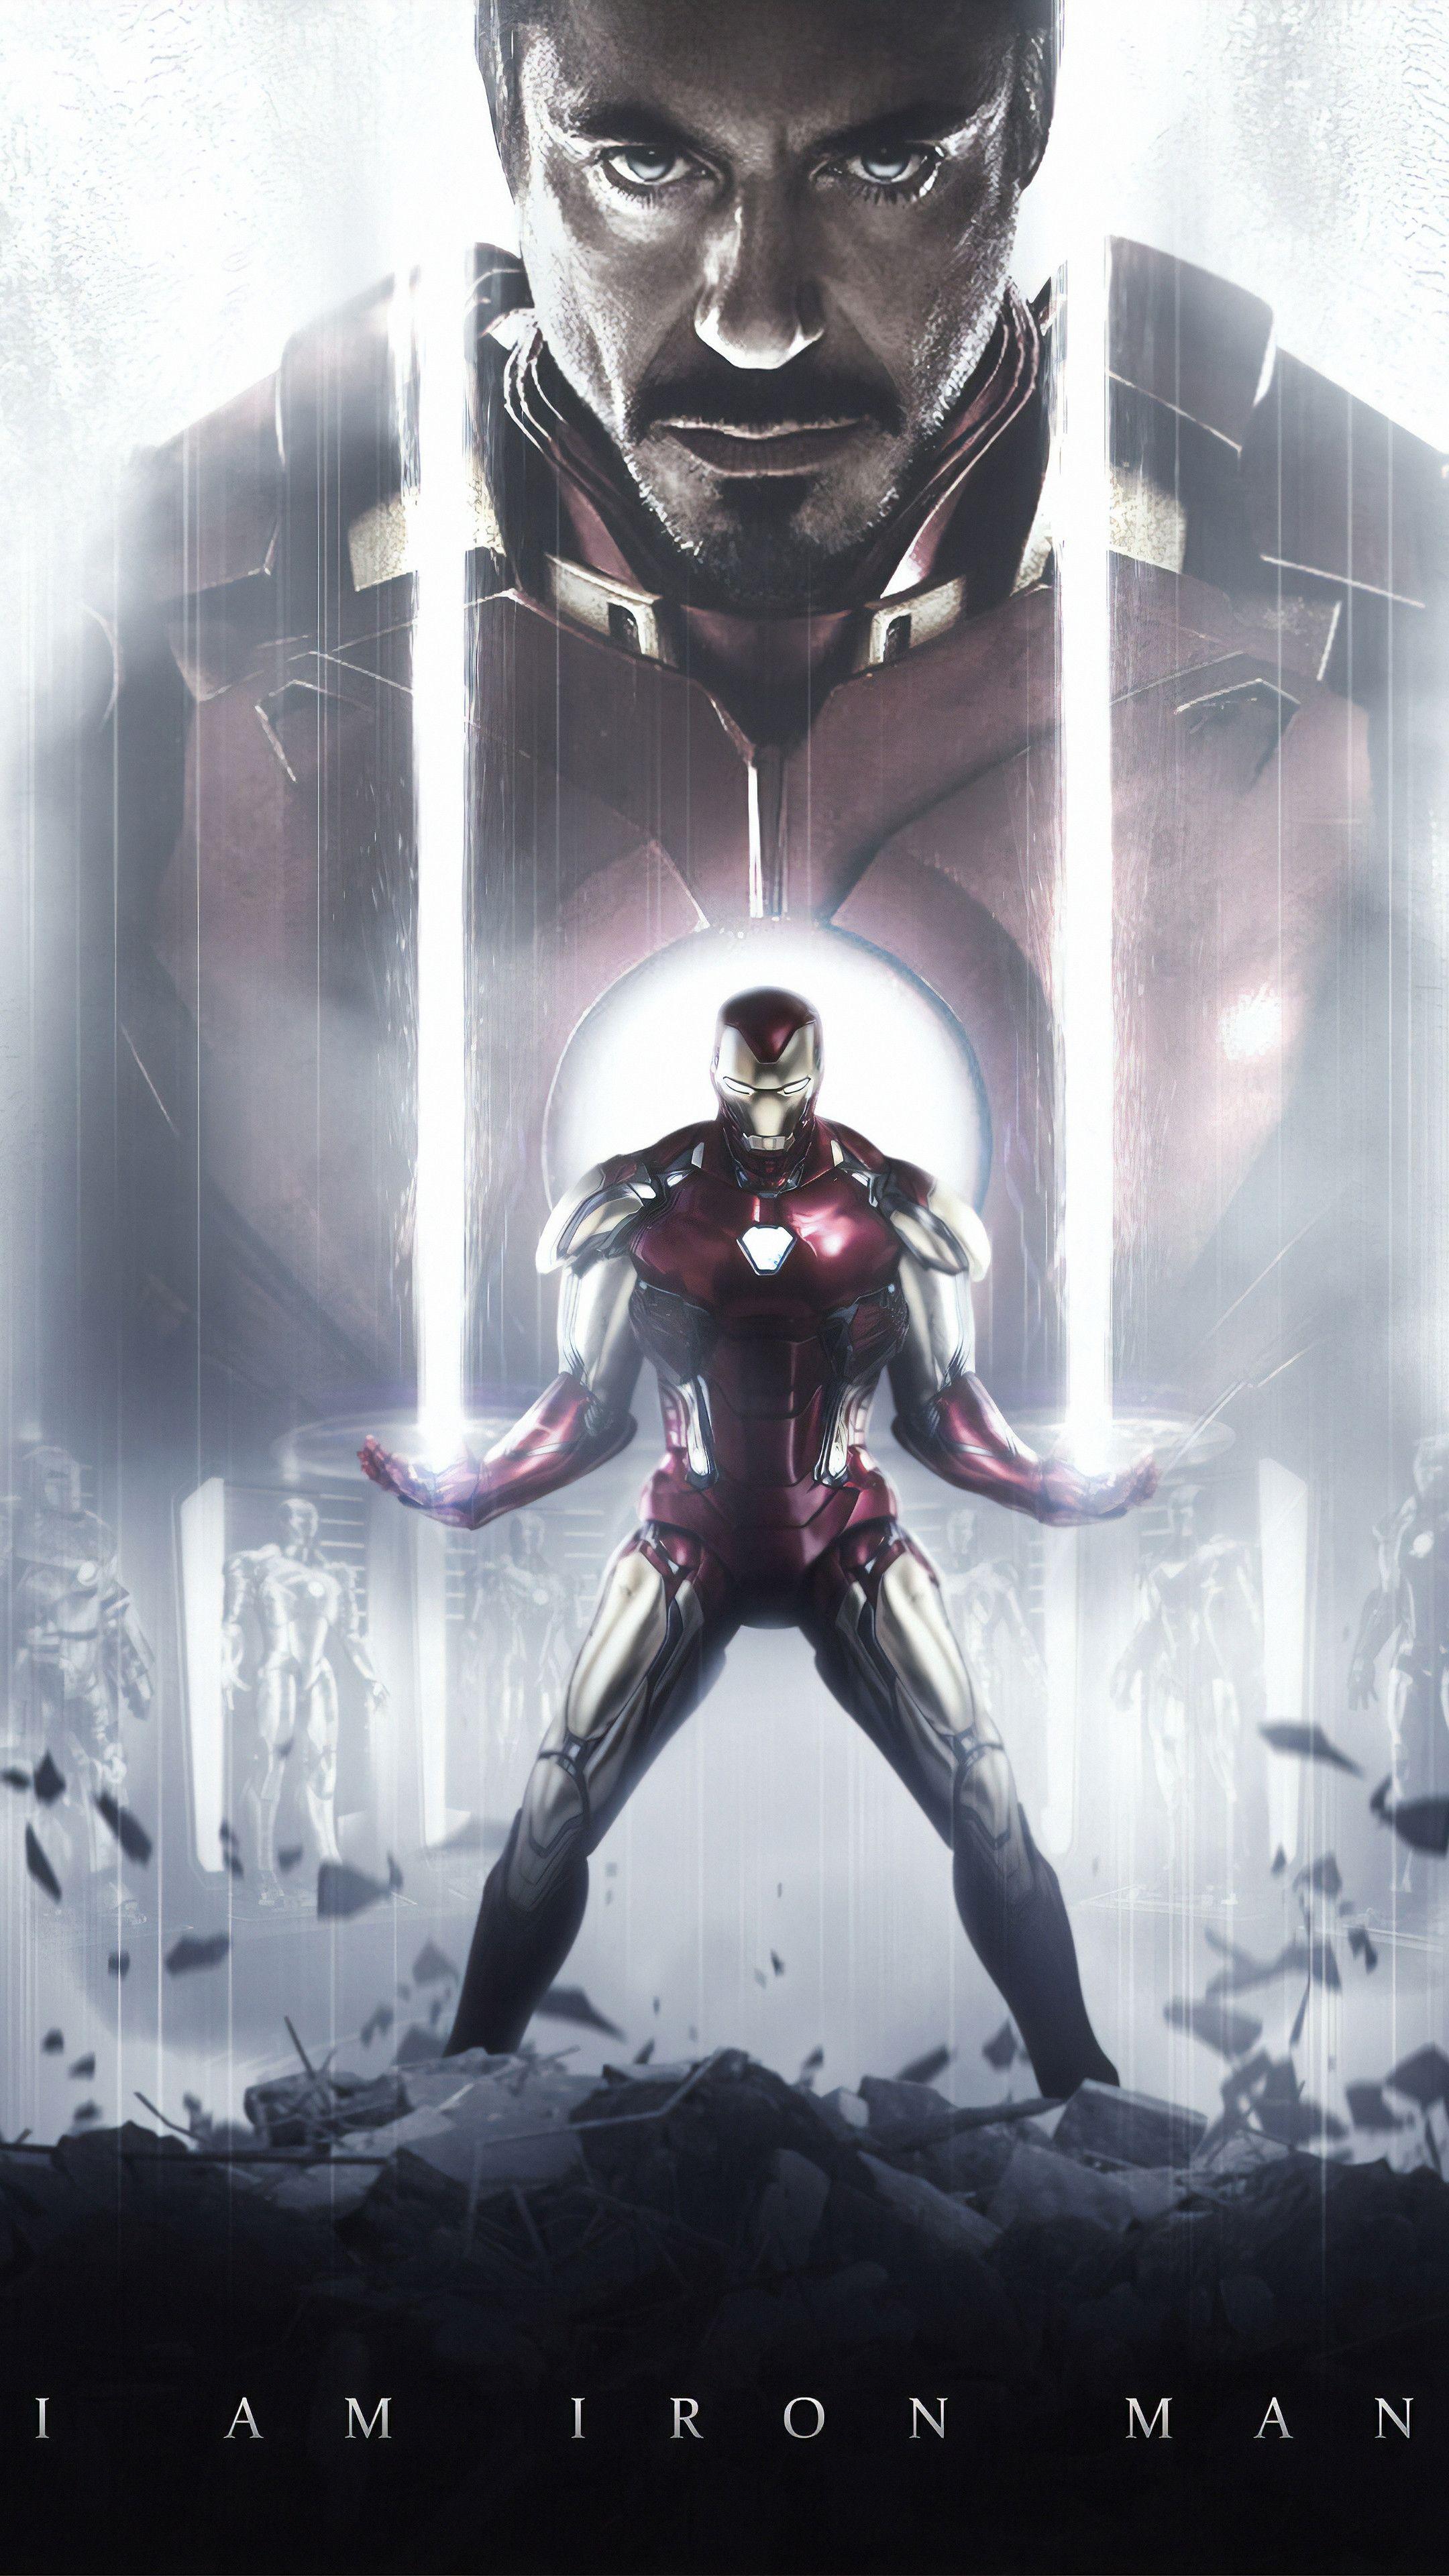 Iron Manart 4k In 2160x3840 Resolution Iron Man Avengers Marvel Iron Man Iron Man Art